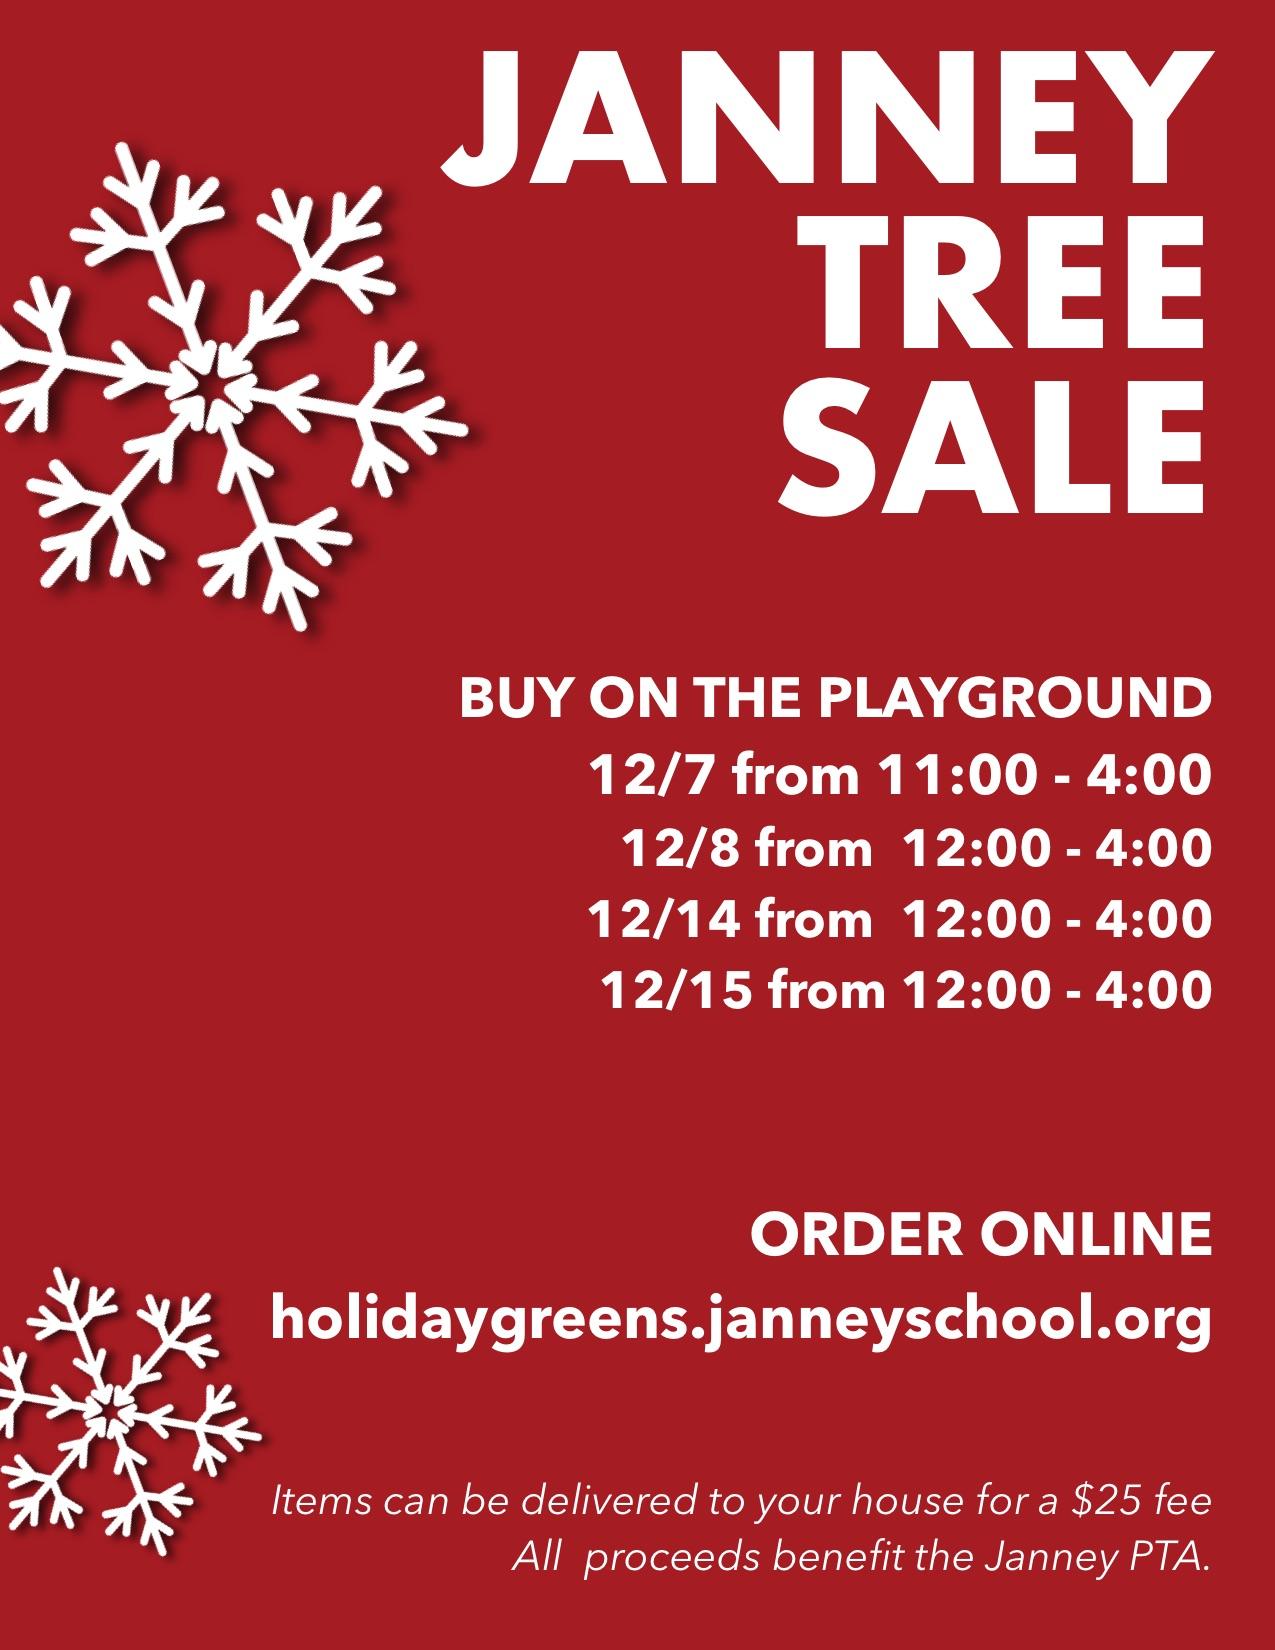 Janney Tree + Greens Sale